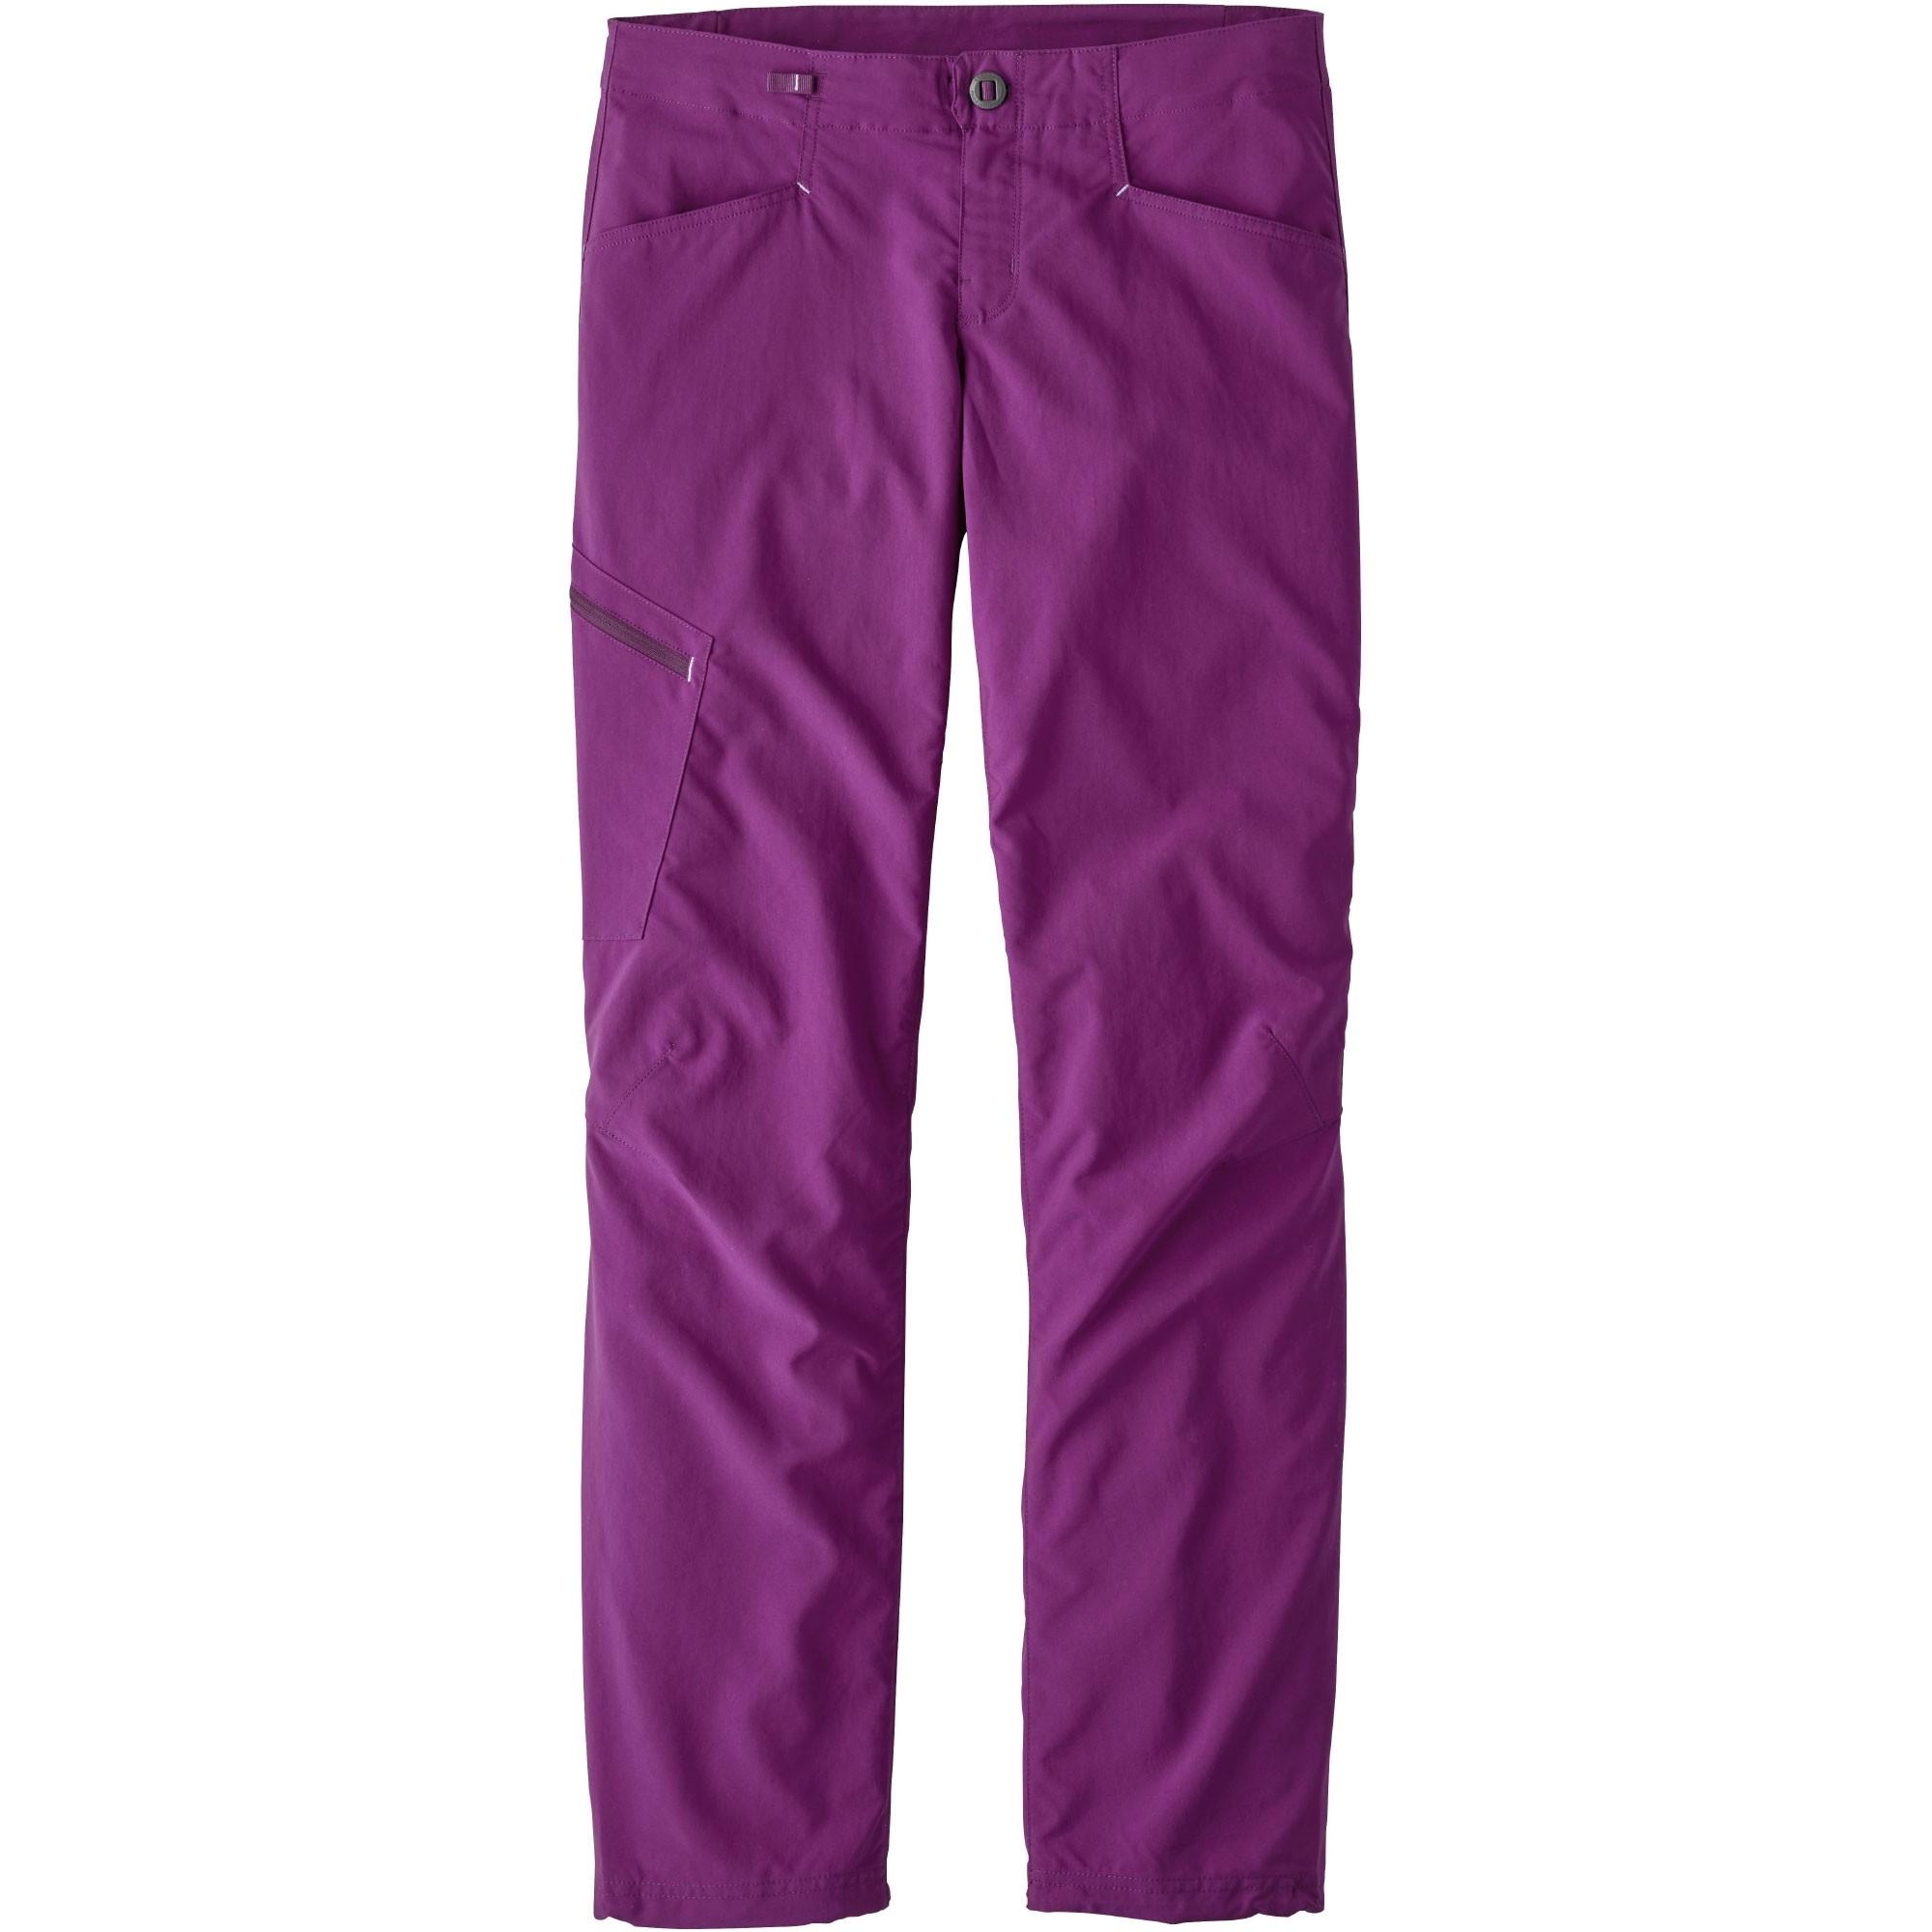 Patagonia-RPS-Rock-Pants-Womens-Geode-Purple-S18.